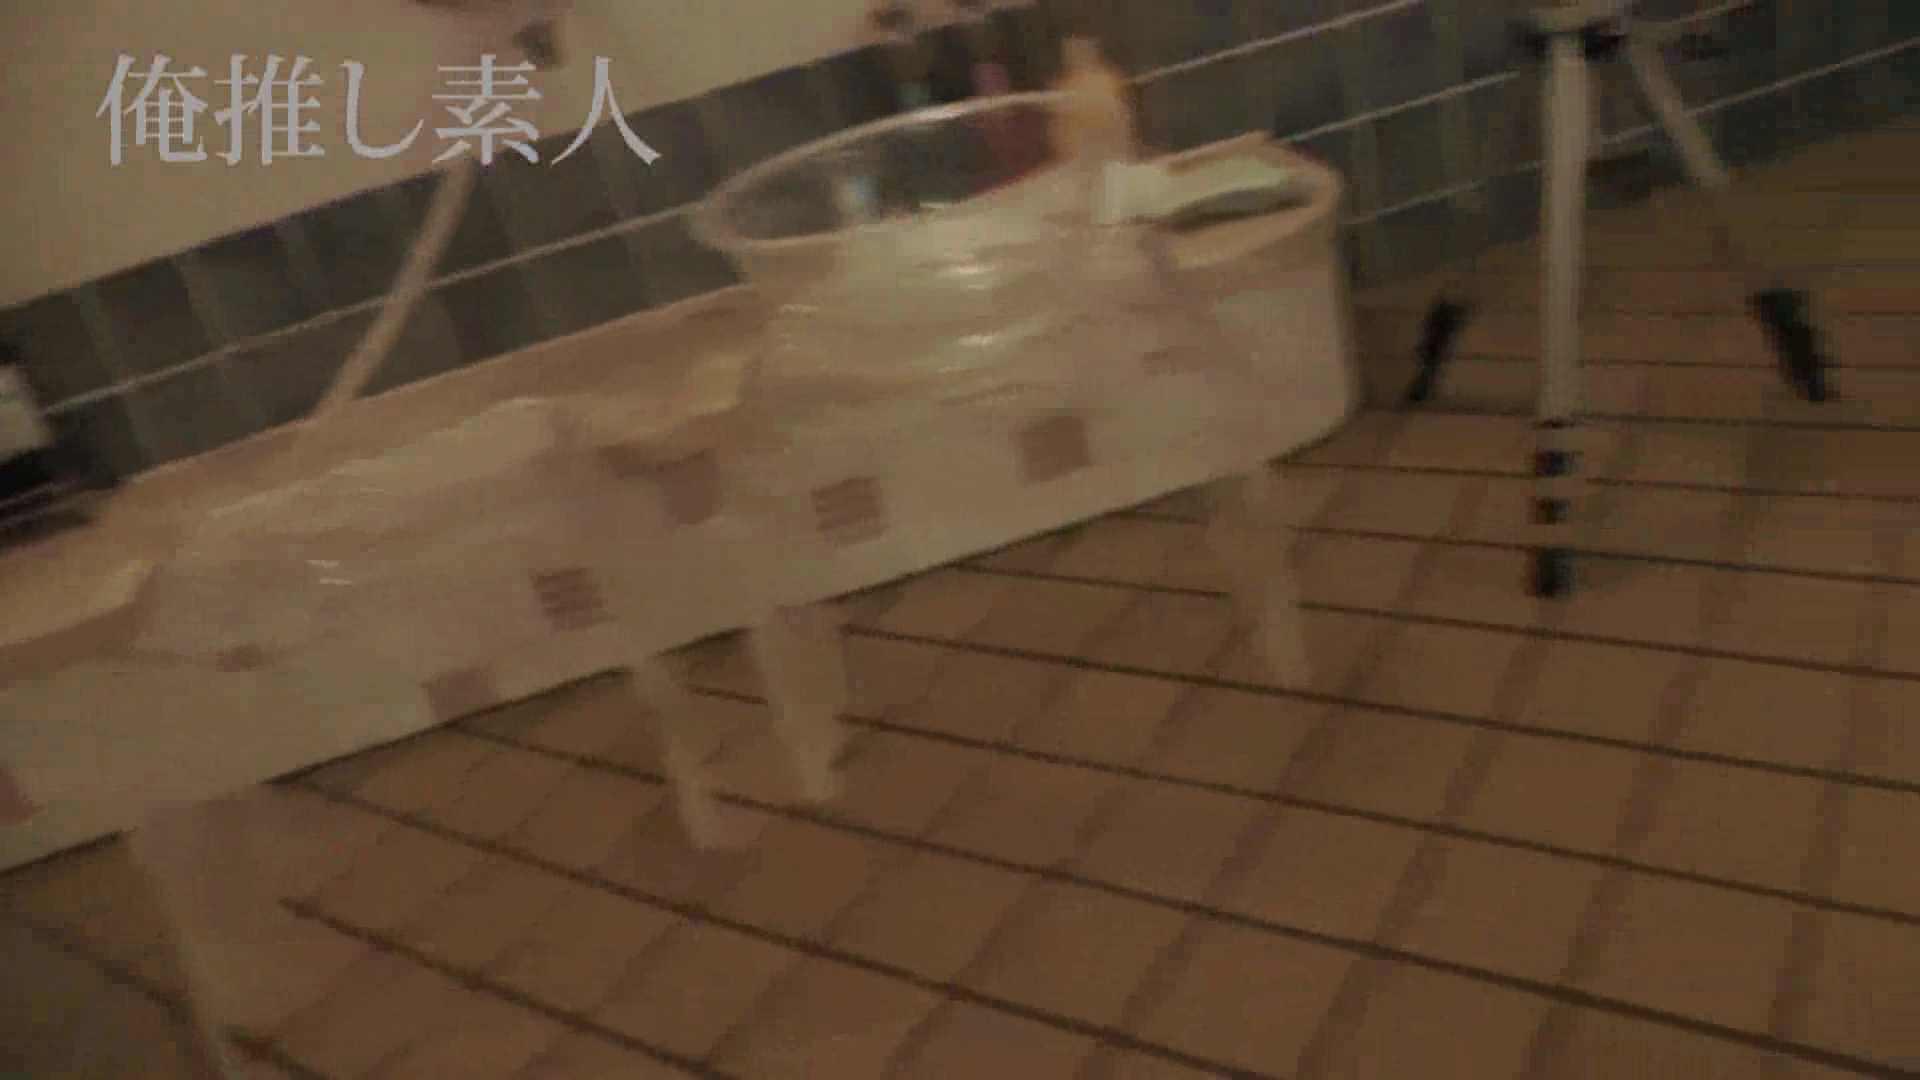 俺推し素人 30代人妻熟女キャバ嬢雫Vol.02 エッチなキャバ嬢 セックス画像 63pic 20